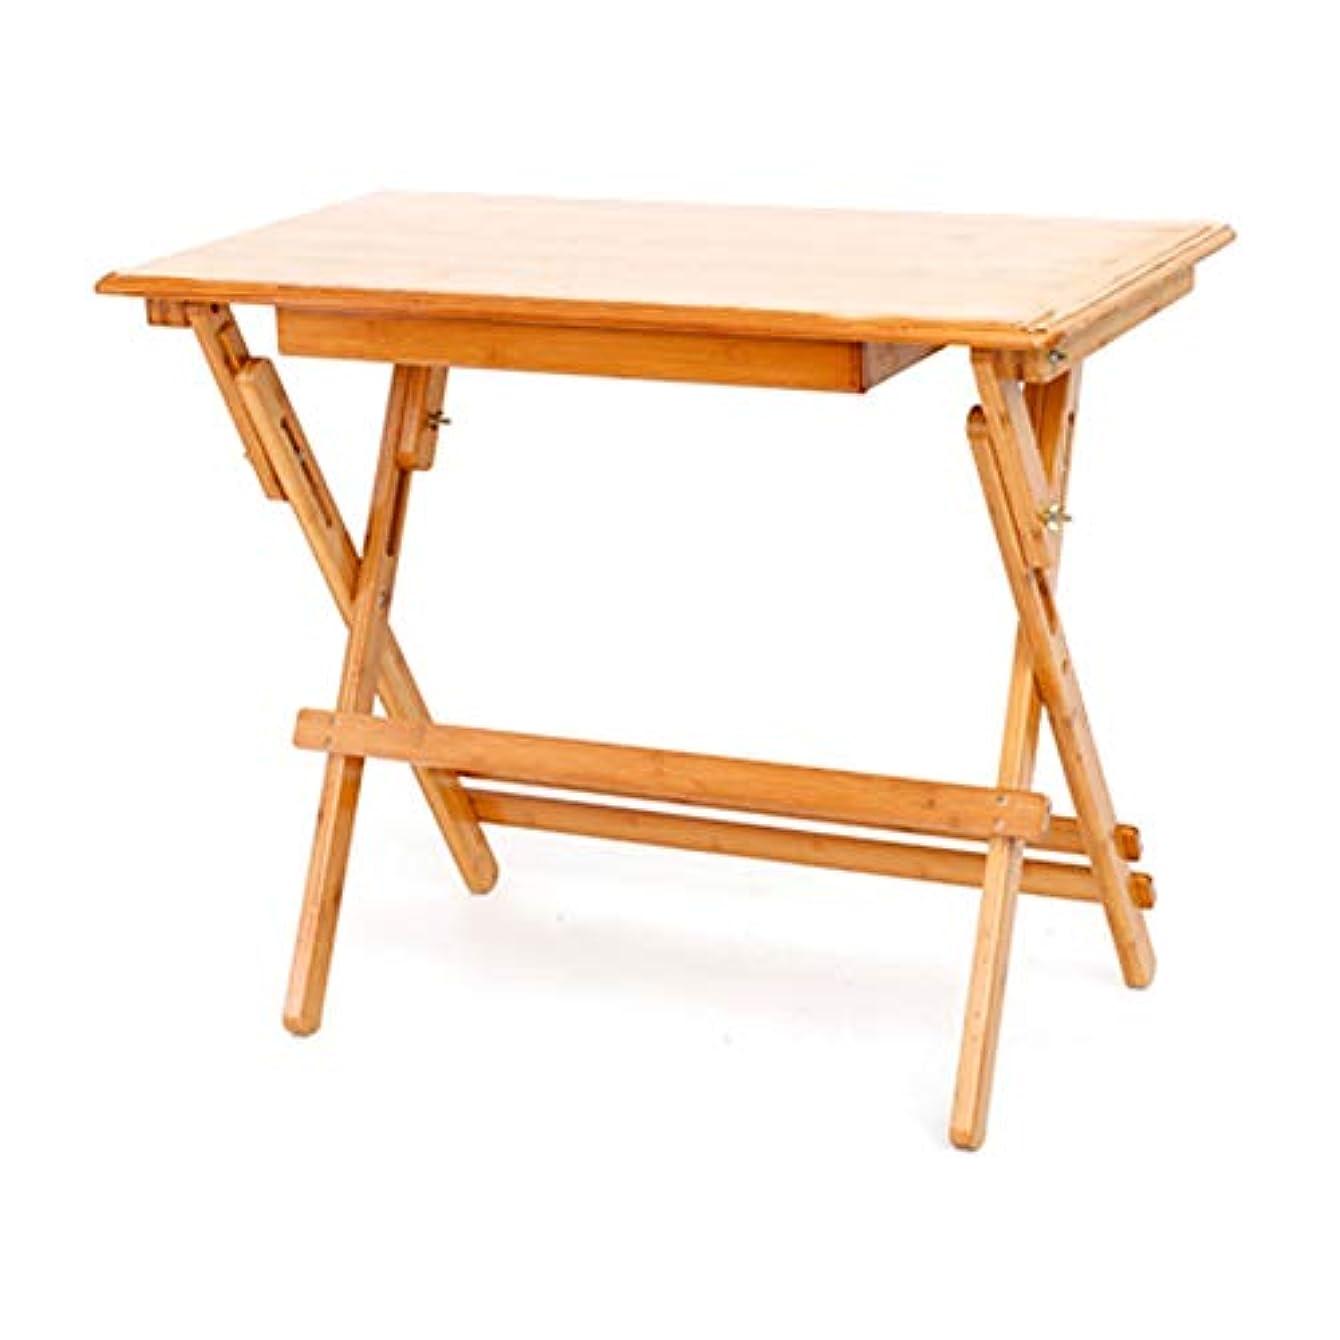 考古学代替案拮抗折りたたみテーブル竹と木のコンピュータデスク学生デスクホームスタディデスク